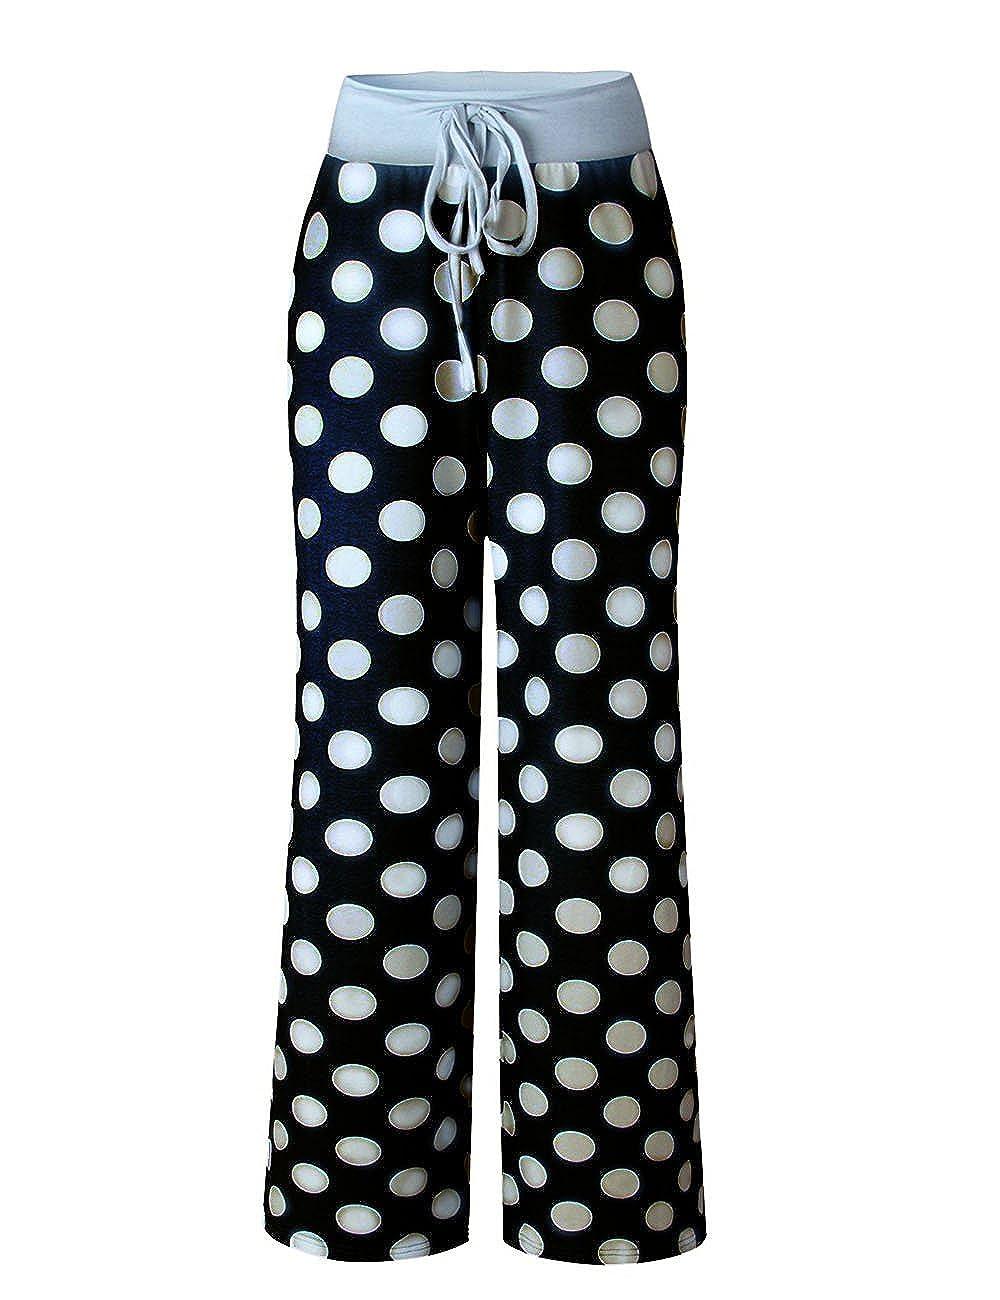 2xl Kinikiss Mujer Pantalones Anchos Casual Floral Talle Alto Pantalon Yoga Jogging Deportivos Grandes M Pantalones